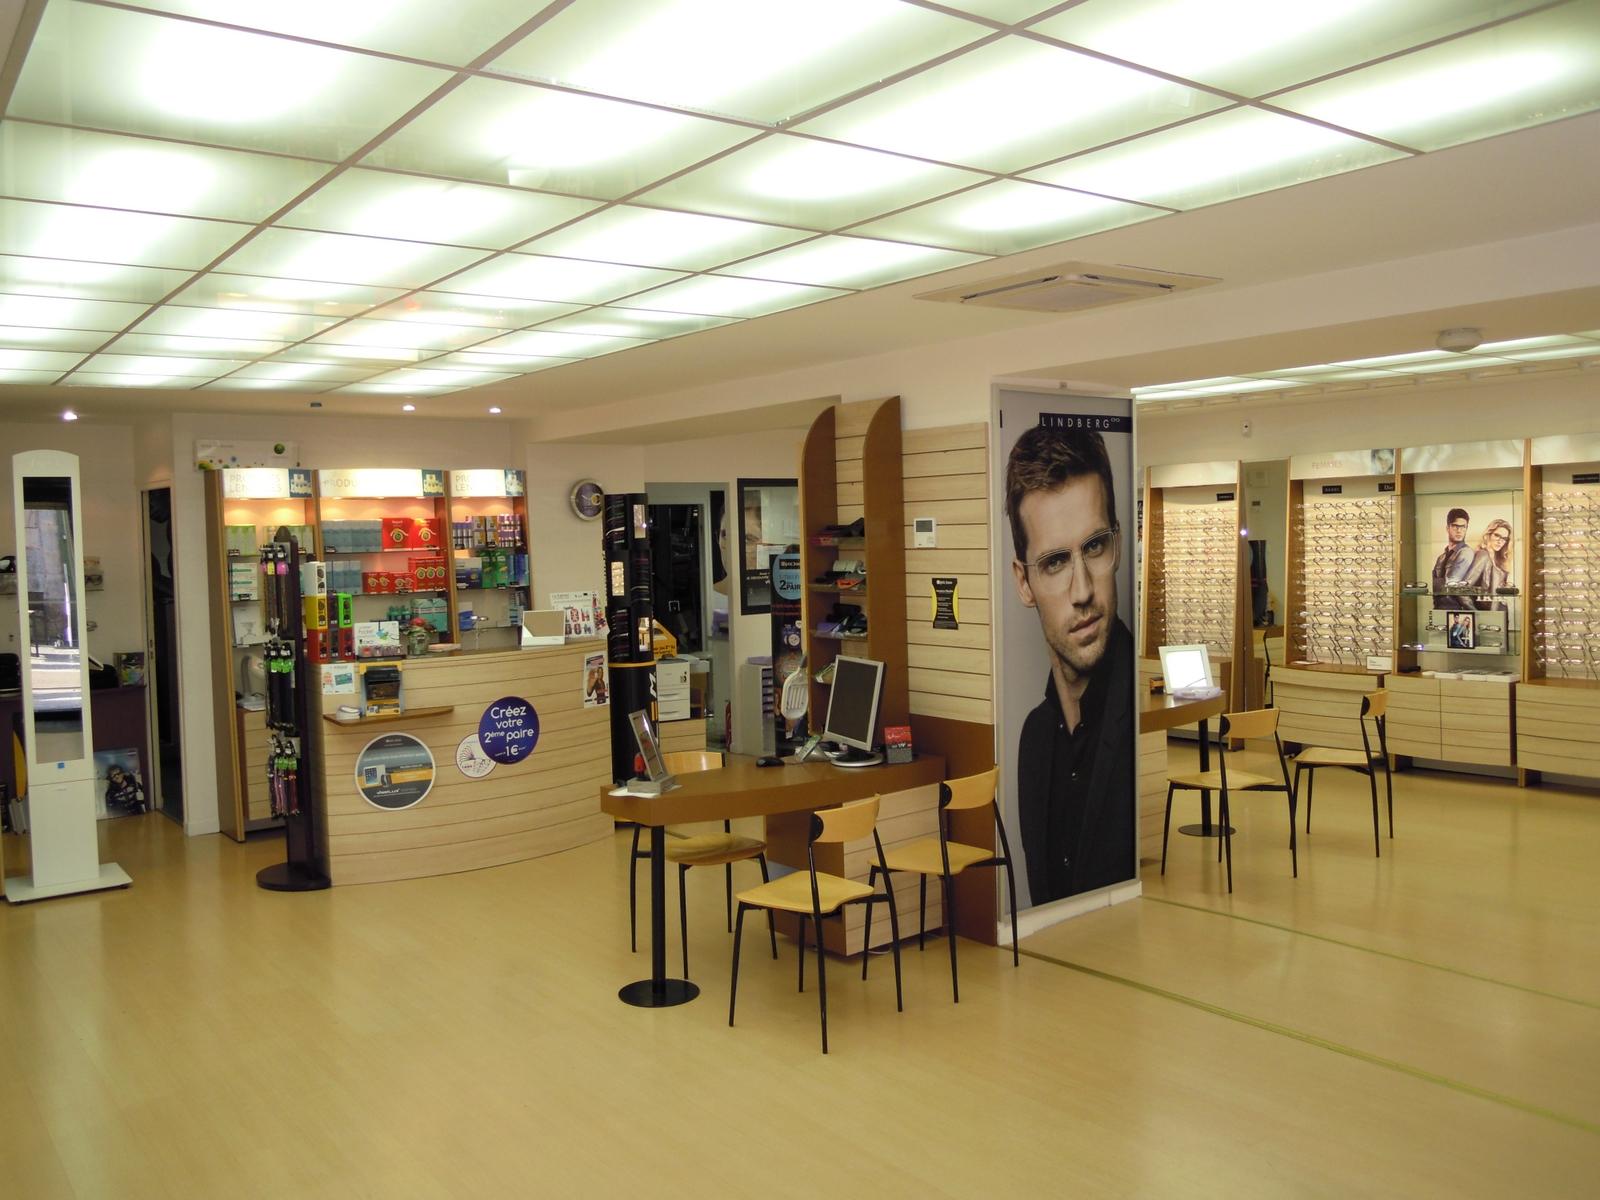 les promotions de votre magasin besancon 25000 optic 2000. Black Bedroom Furniture Sets. Home Design Ideas